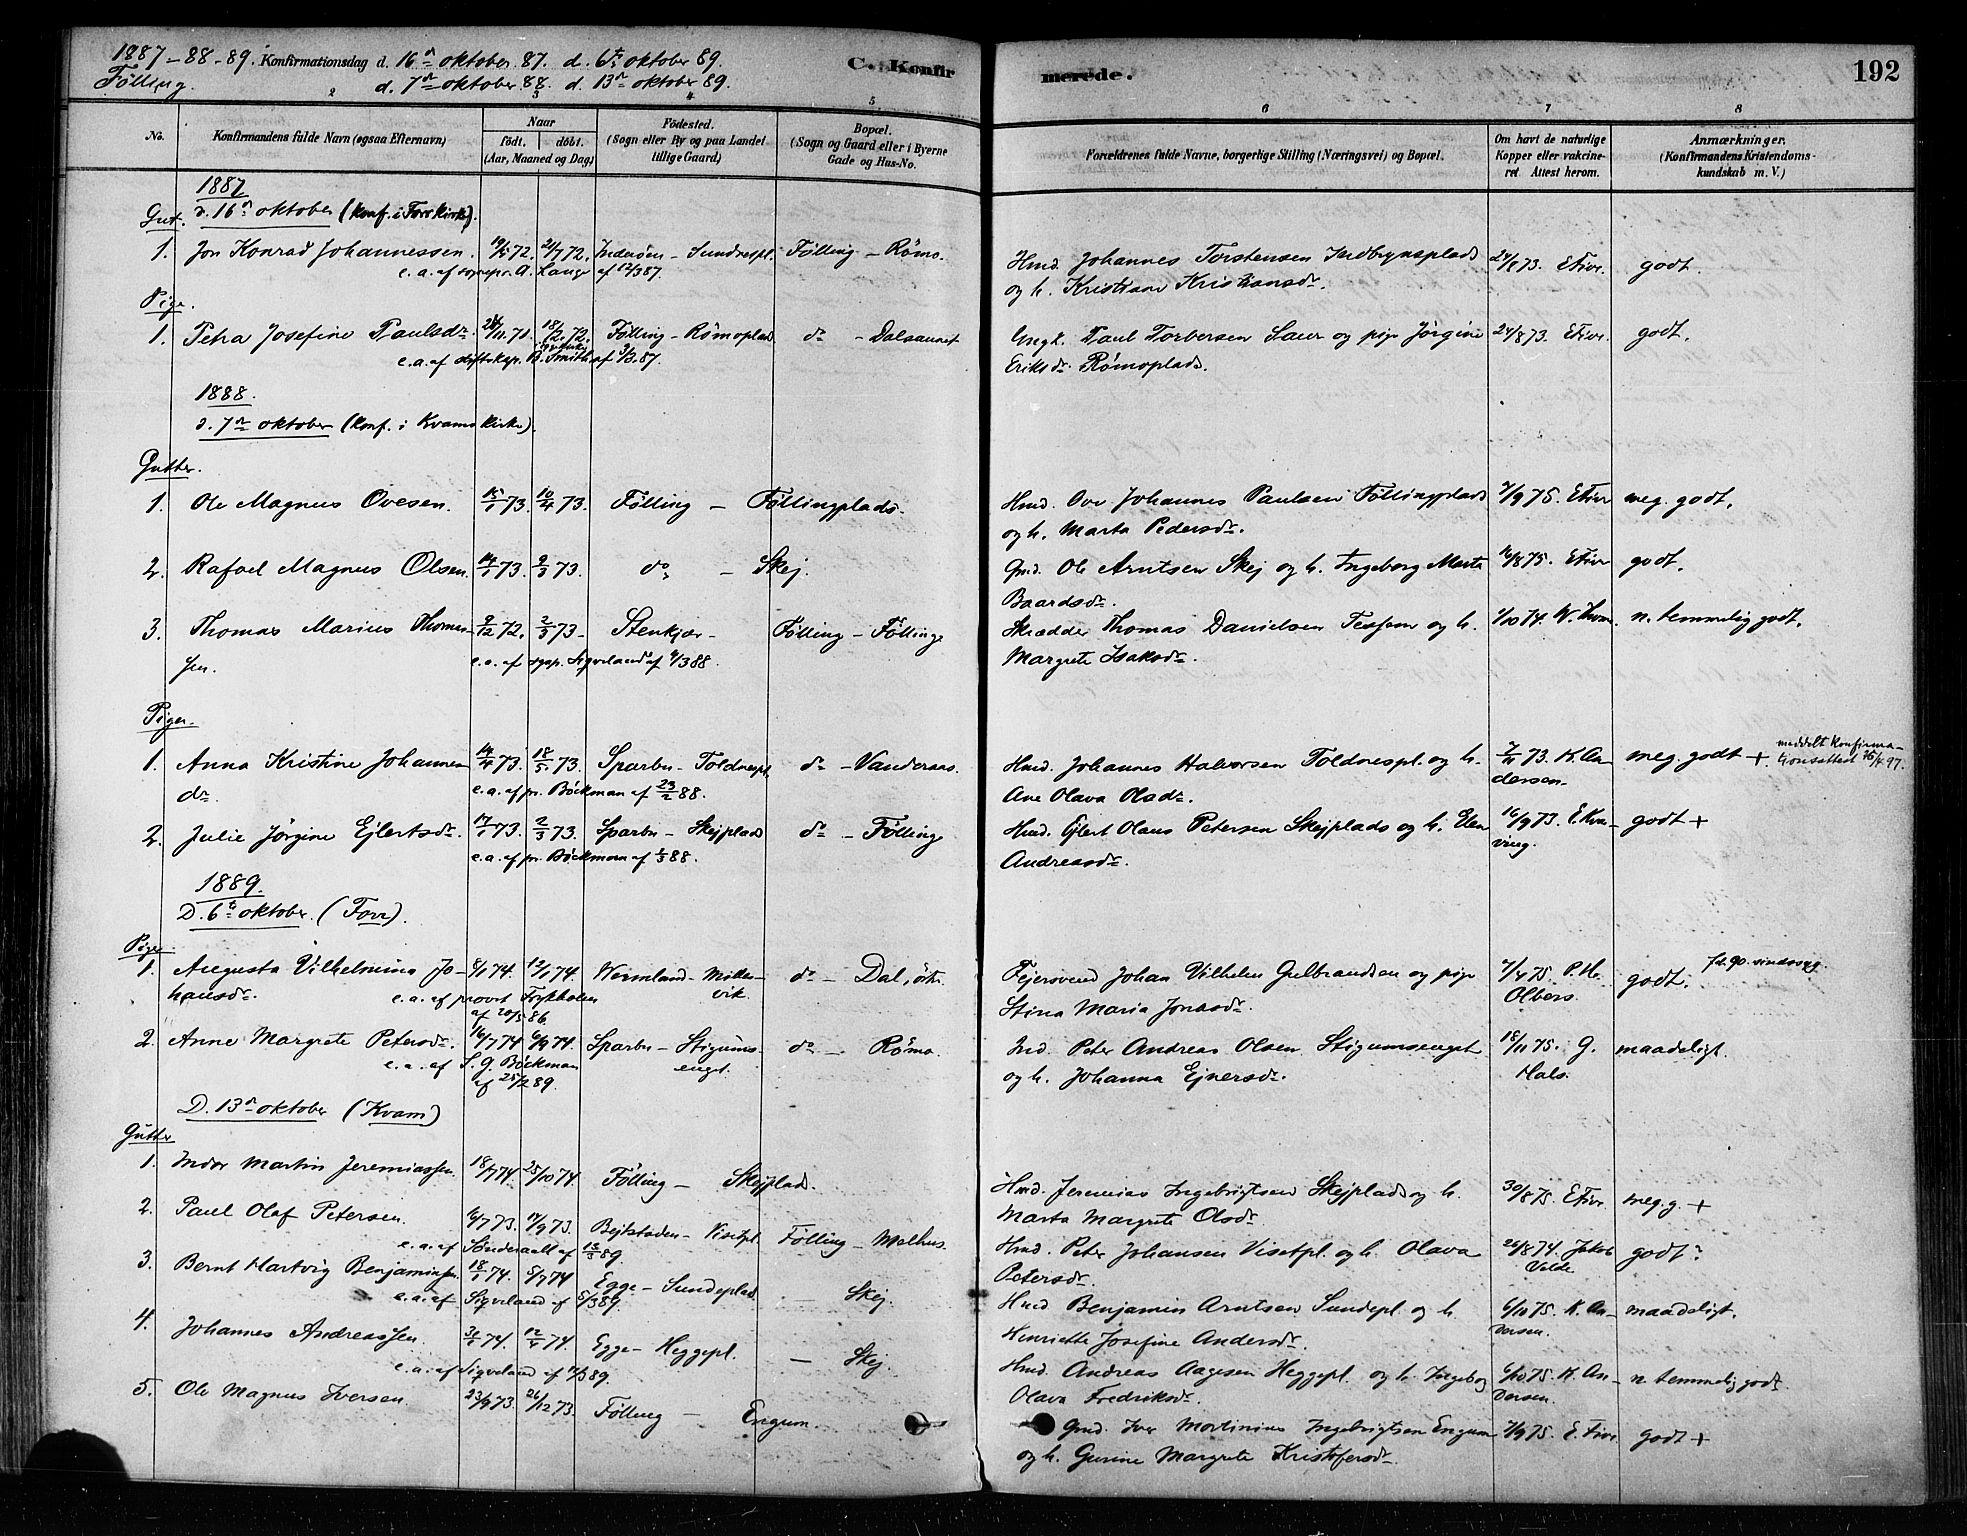 SAT, Ministerialprotokoller, klokkerbøker og fødselsregistre - Nord-Trøndelag, 746/L0449: Ministerialbok nr. 746A07 /3, 1878-1899, s. 192